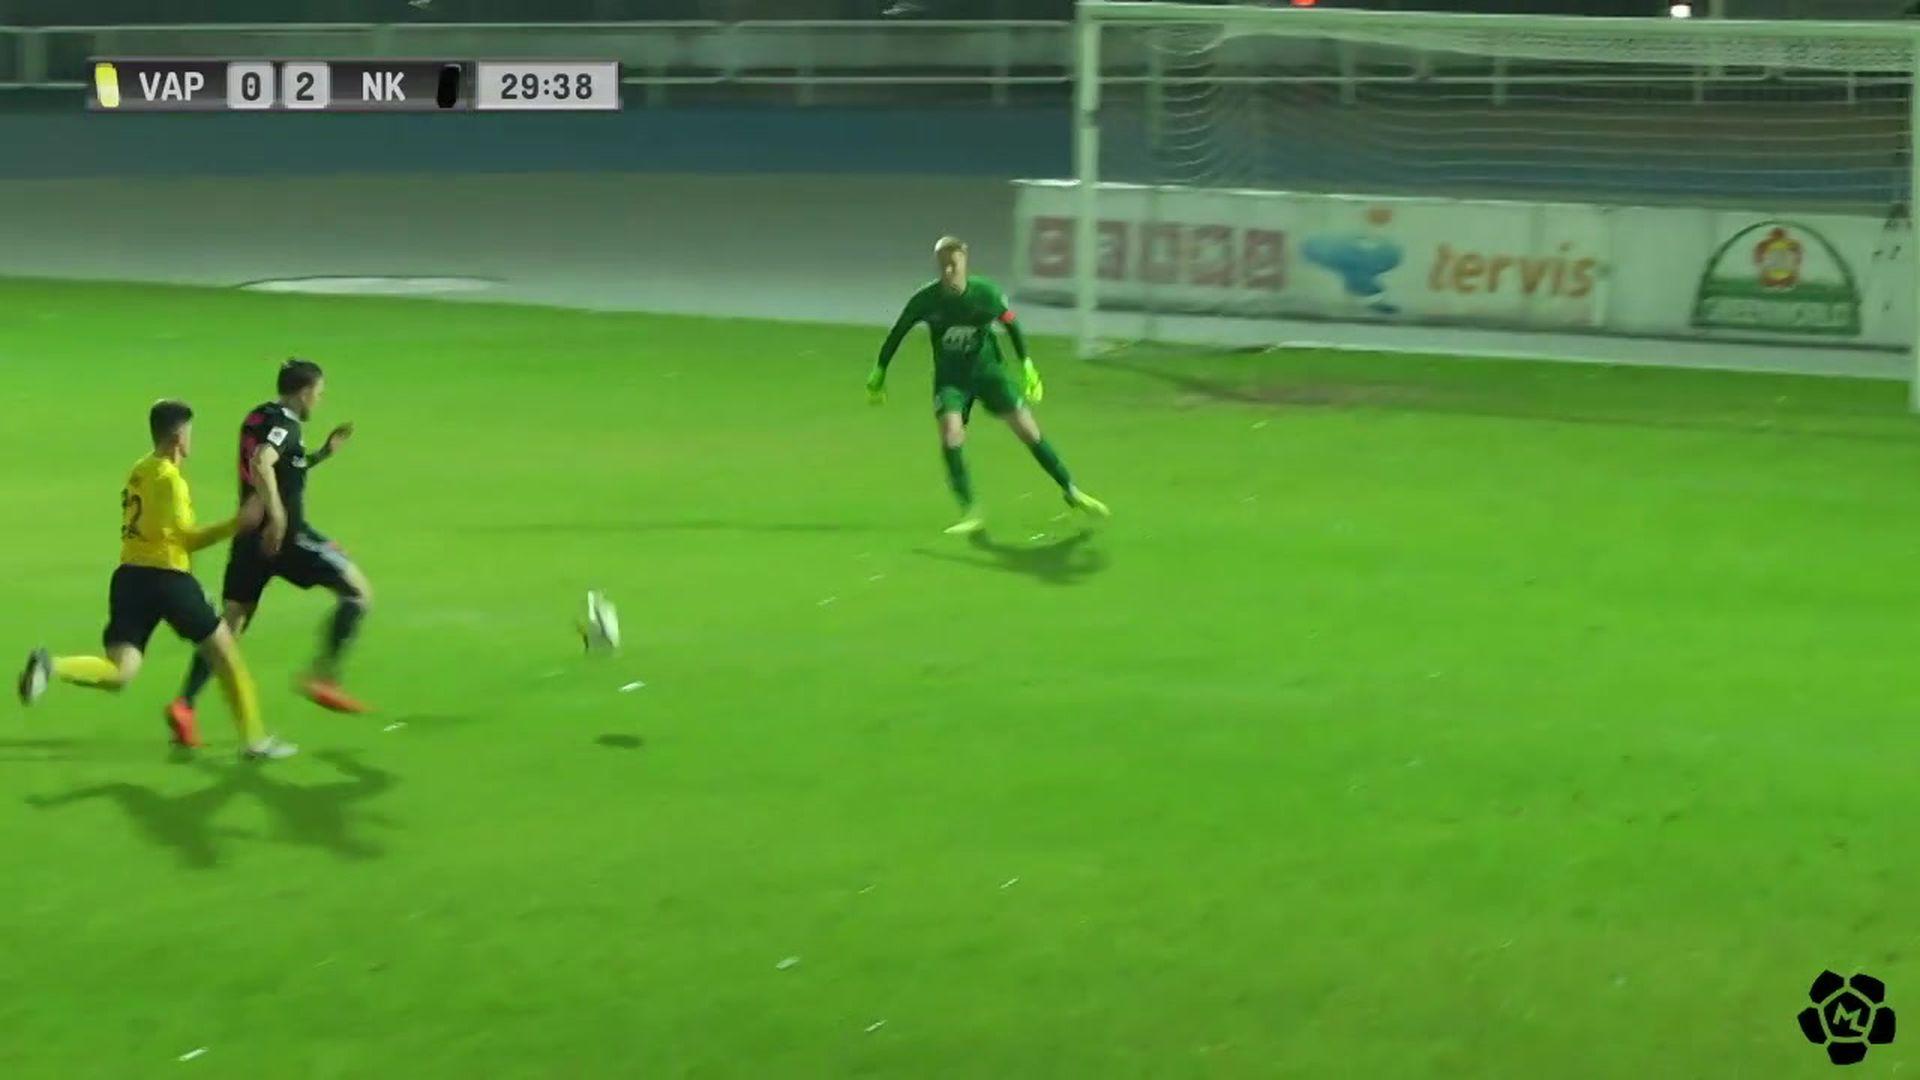 040aded520b Nõmme Kaljut lahutab meistritiitlist veel üks võit - Eesti Premium liiga -  Jalgpall - Postimees Sport: Värsked spordiuudised Eestist ja välismaalt